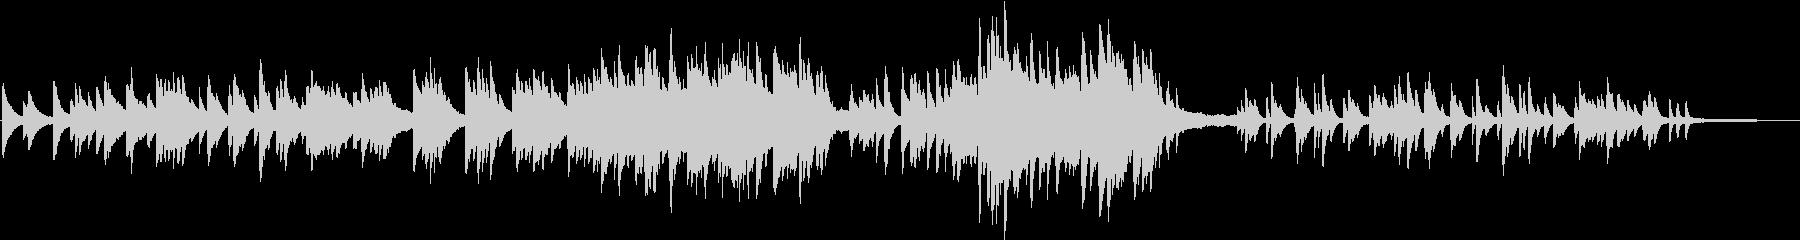 3拍子の少し切ないピアノバラードの未再生の波形